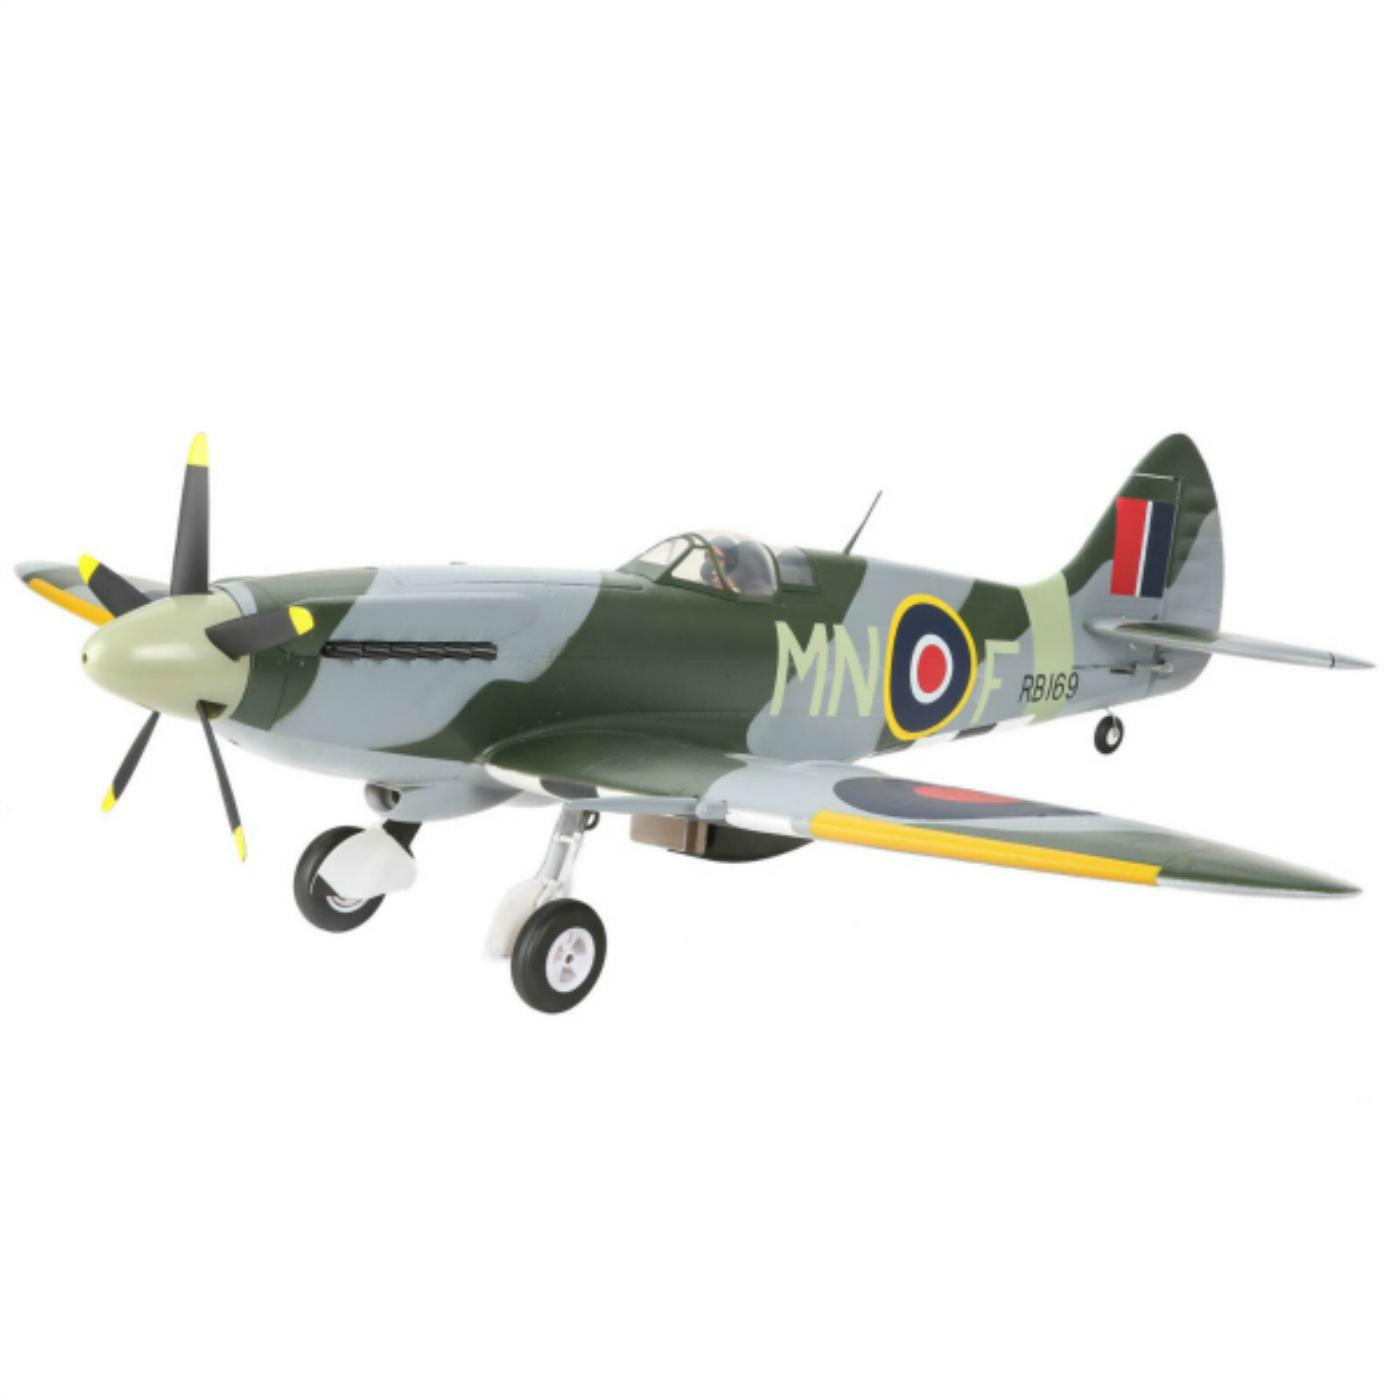 The E-Flite Spitfire MK XIV